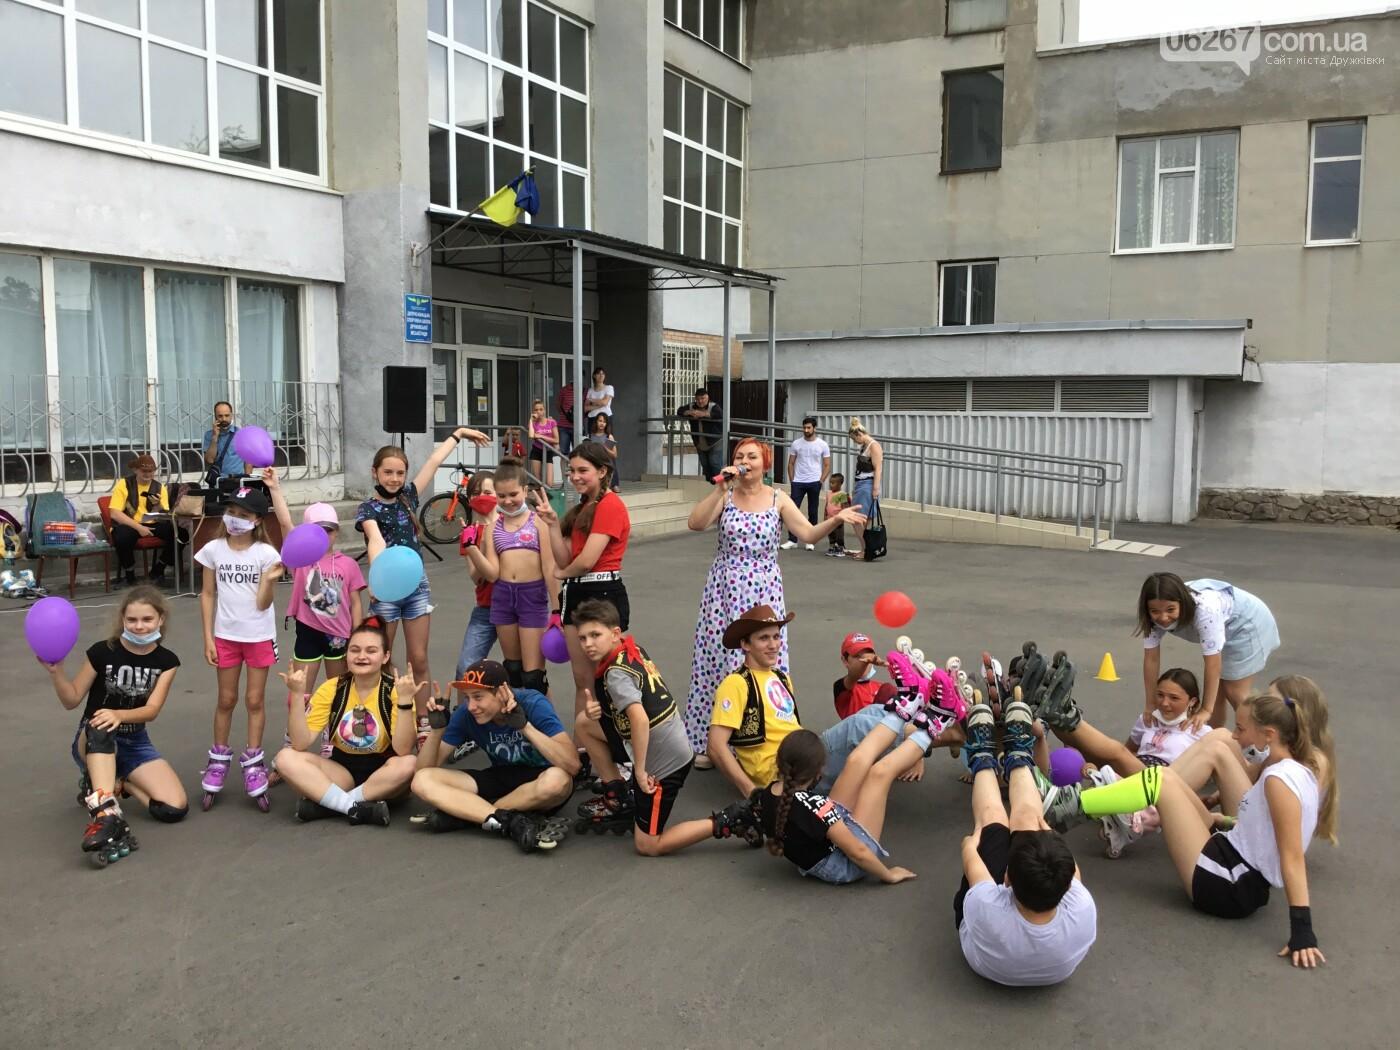 В Дружковке все участники роллер-баттла получили сегодня подарки (ФОТО), фото-12